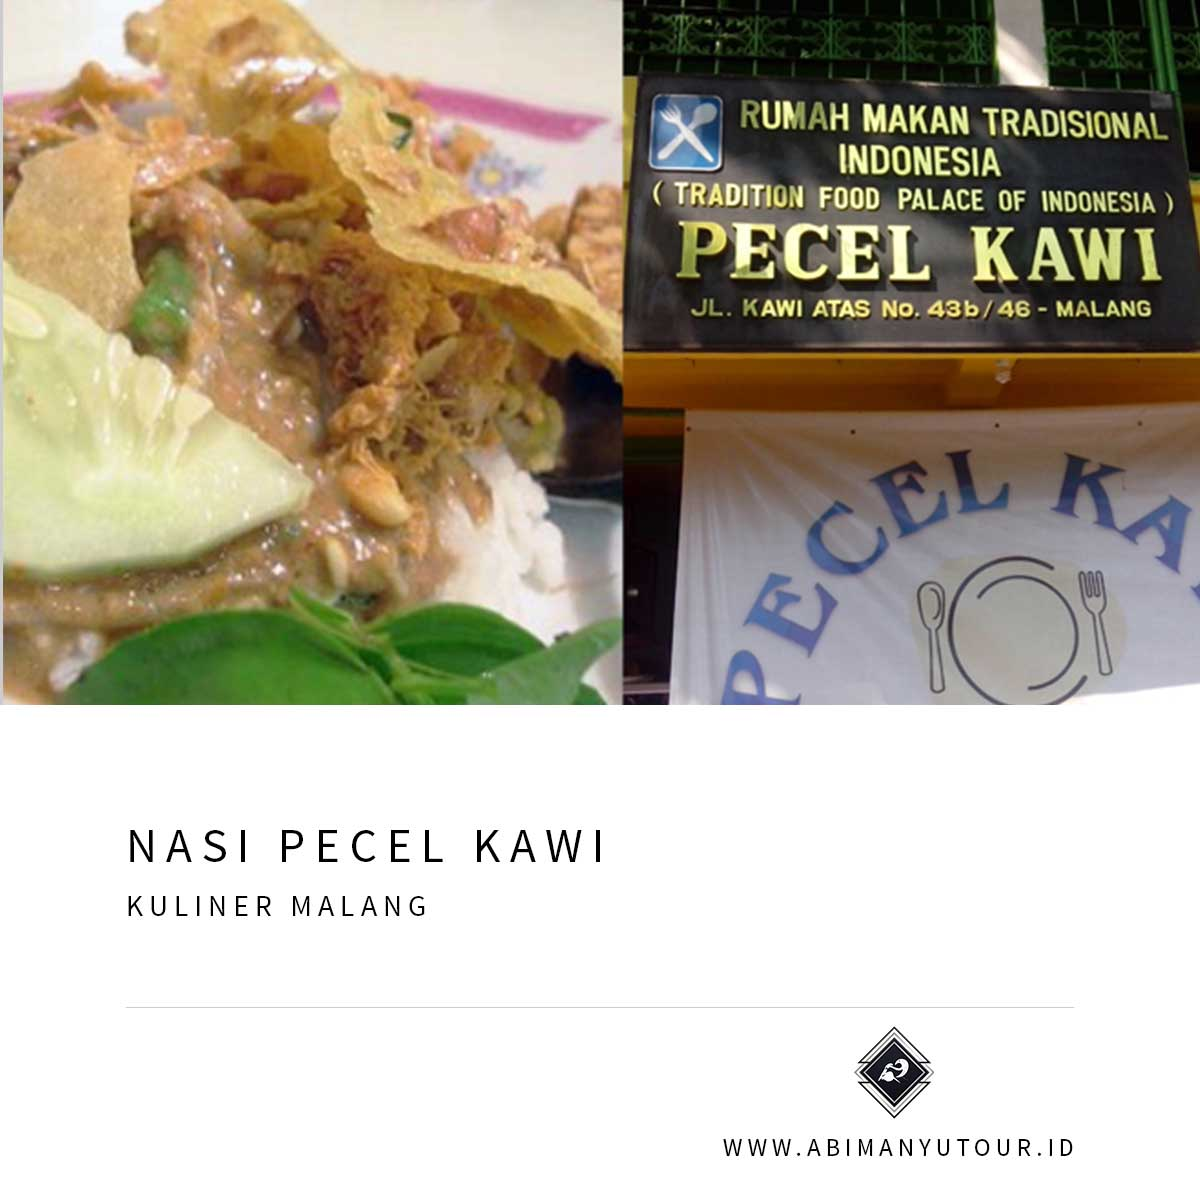 NASI PECEL KAWI